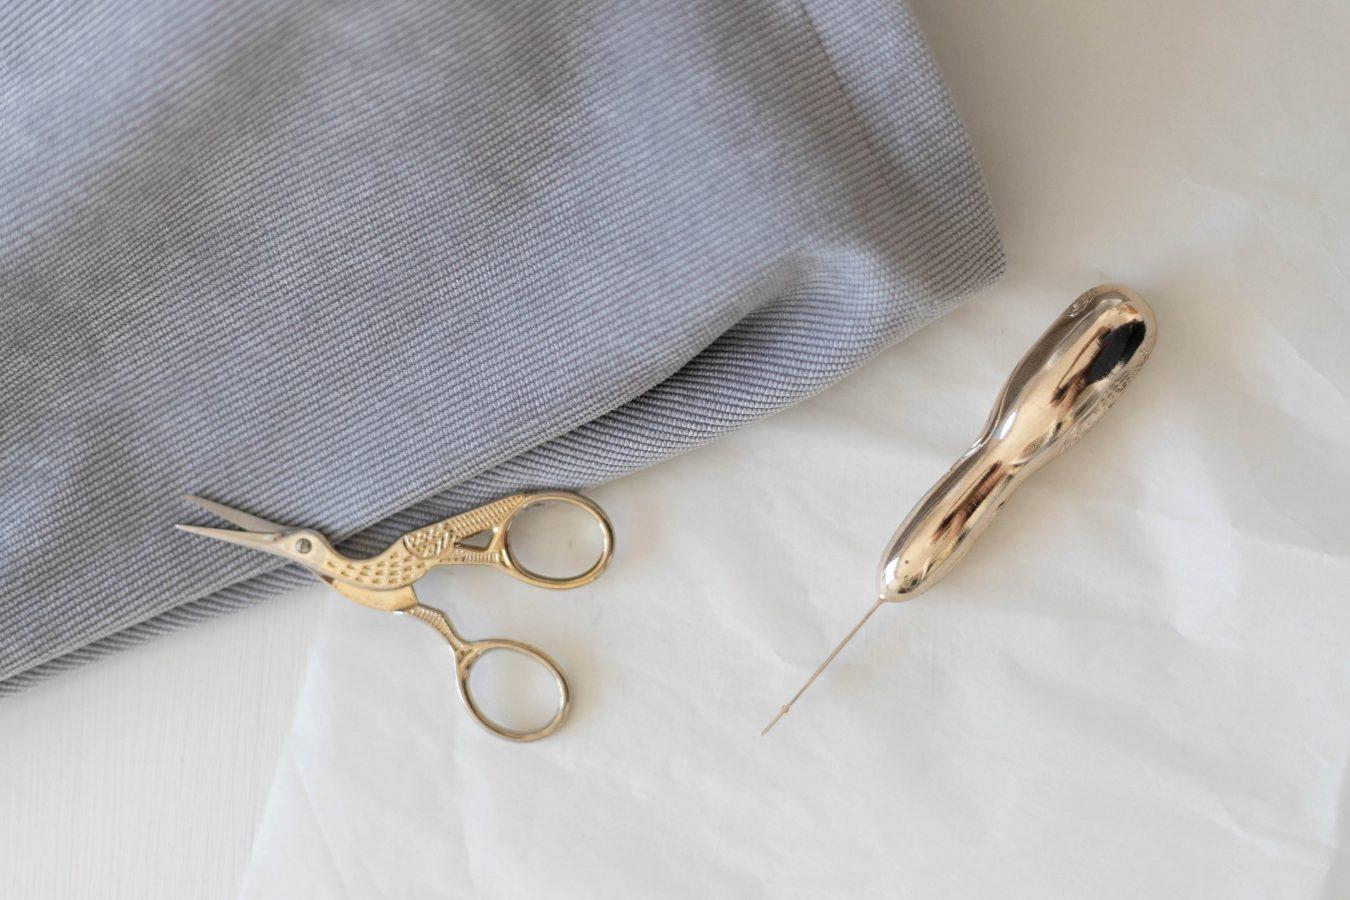 Nähutensilien vor grauem Stoff, goldene kleine Schere, Nahtauftrenner in Gold